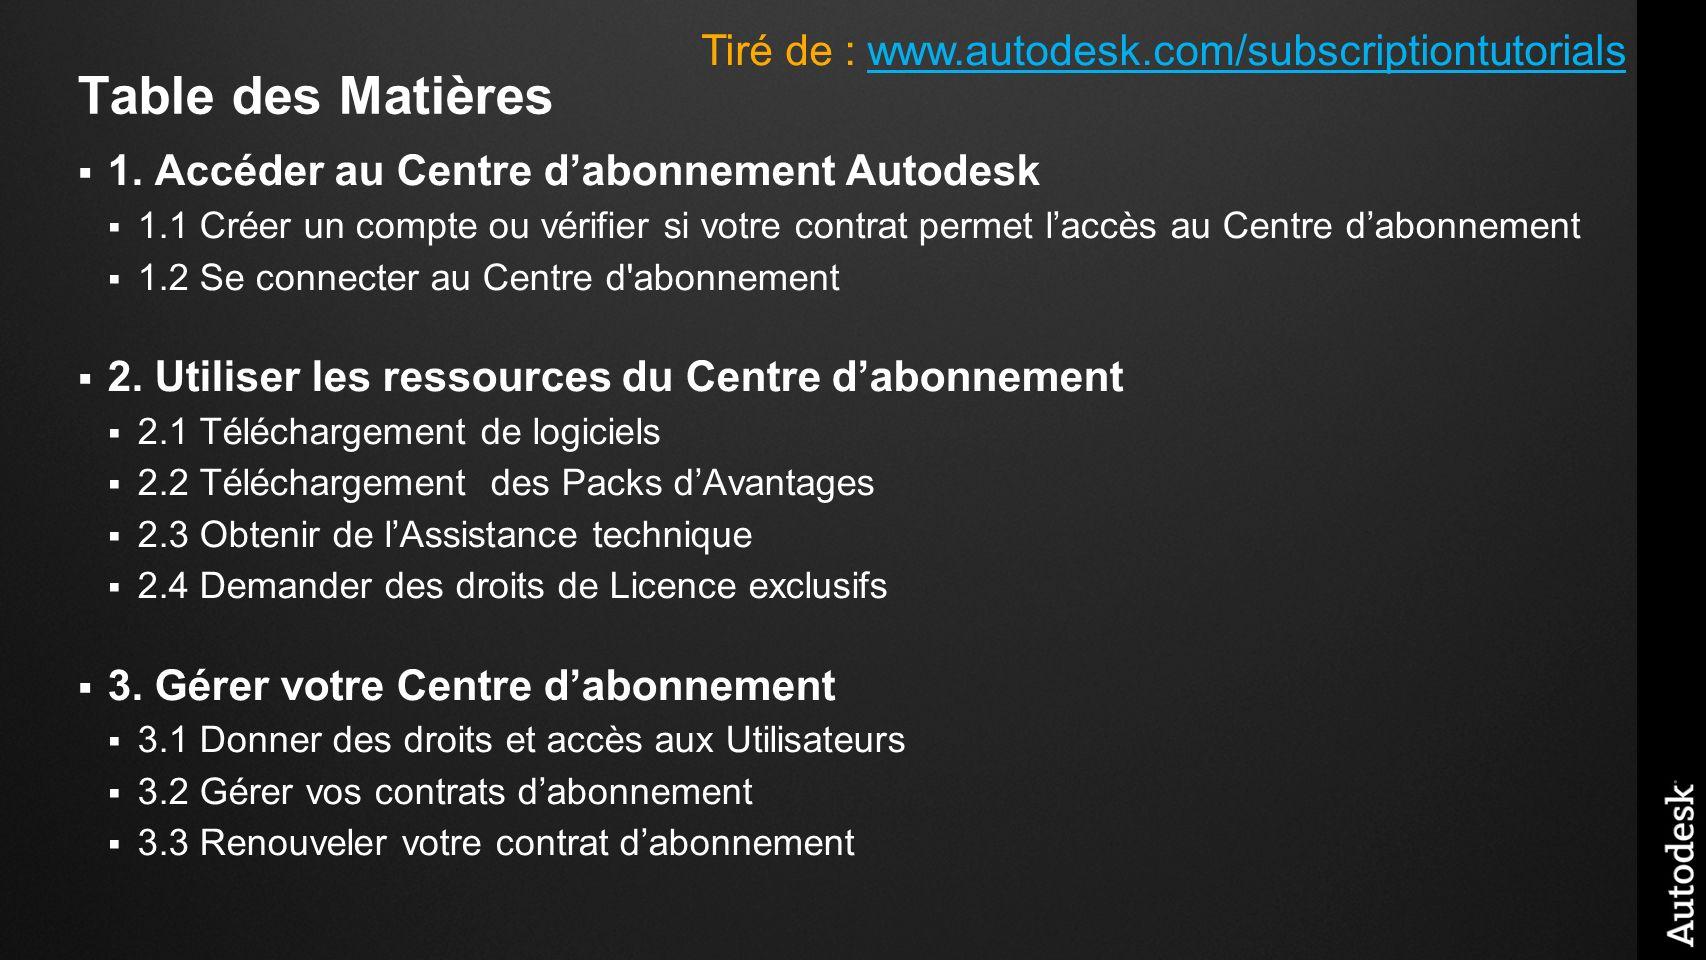 Table des Matières 1. Accéder au Centre dabonnement Autodesk 1.1 Créer un compte ou vérifier si votre contrat permet laccès au Centre dabonnement 1.2